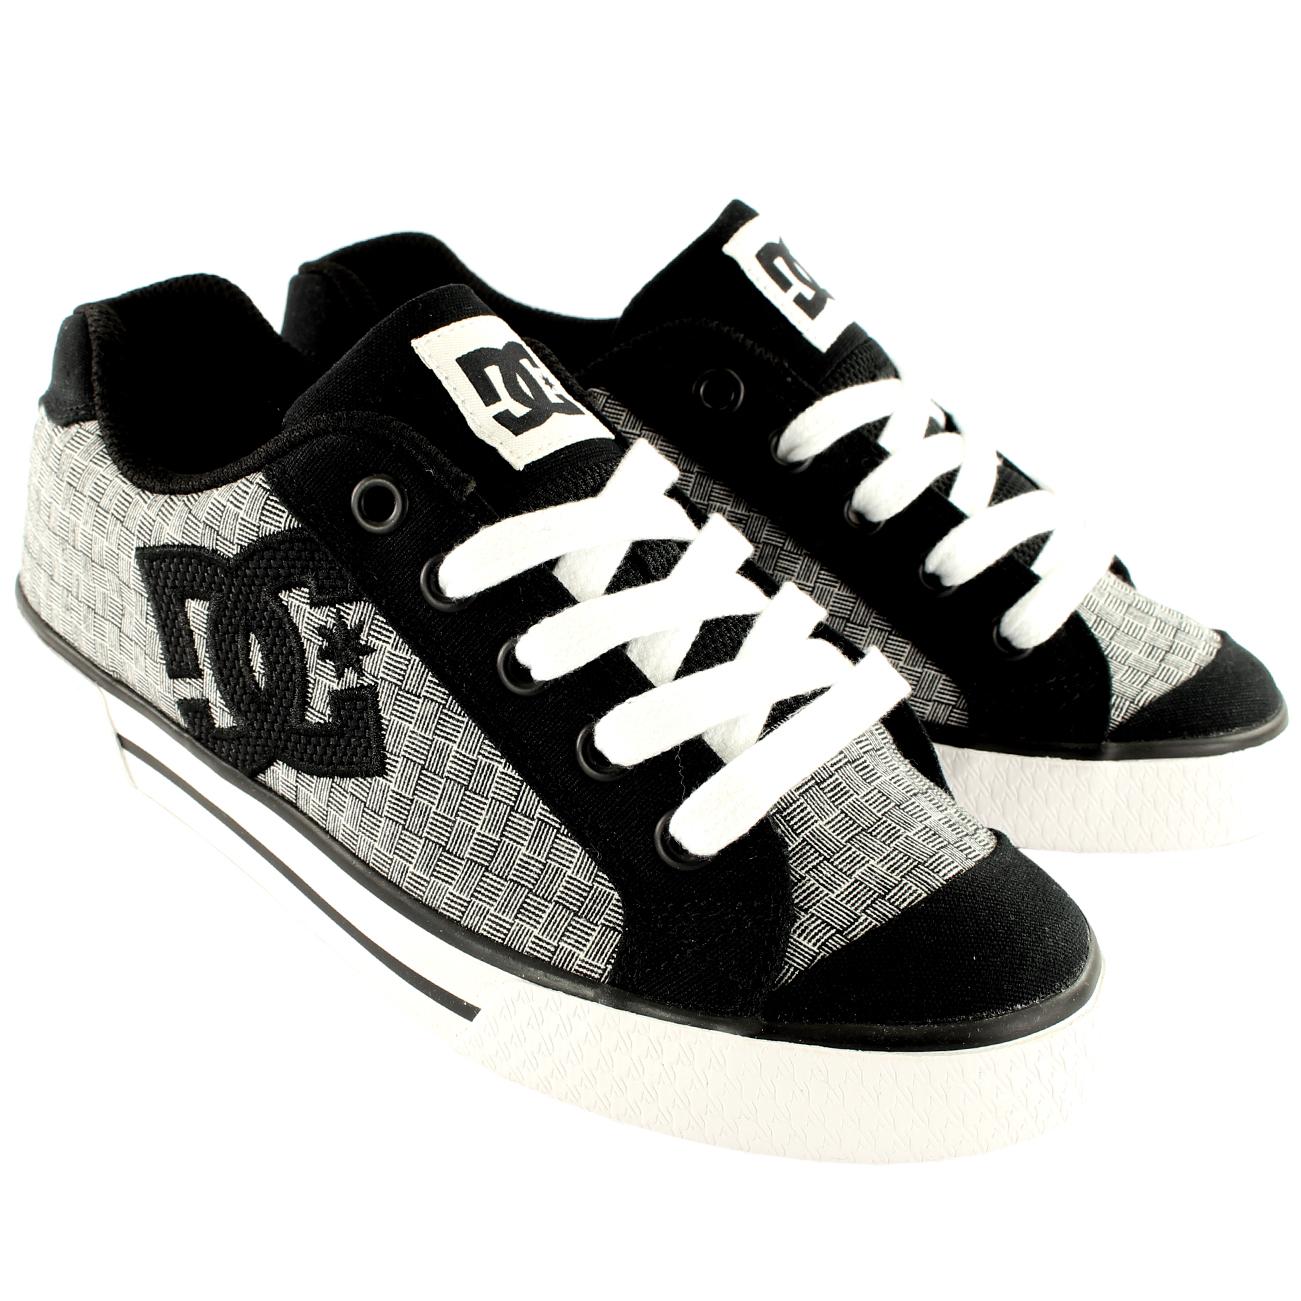 DC Shoes Chelsea Low Cut Skate Shoes